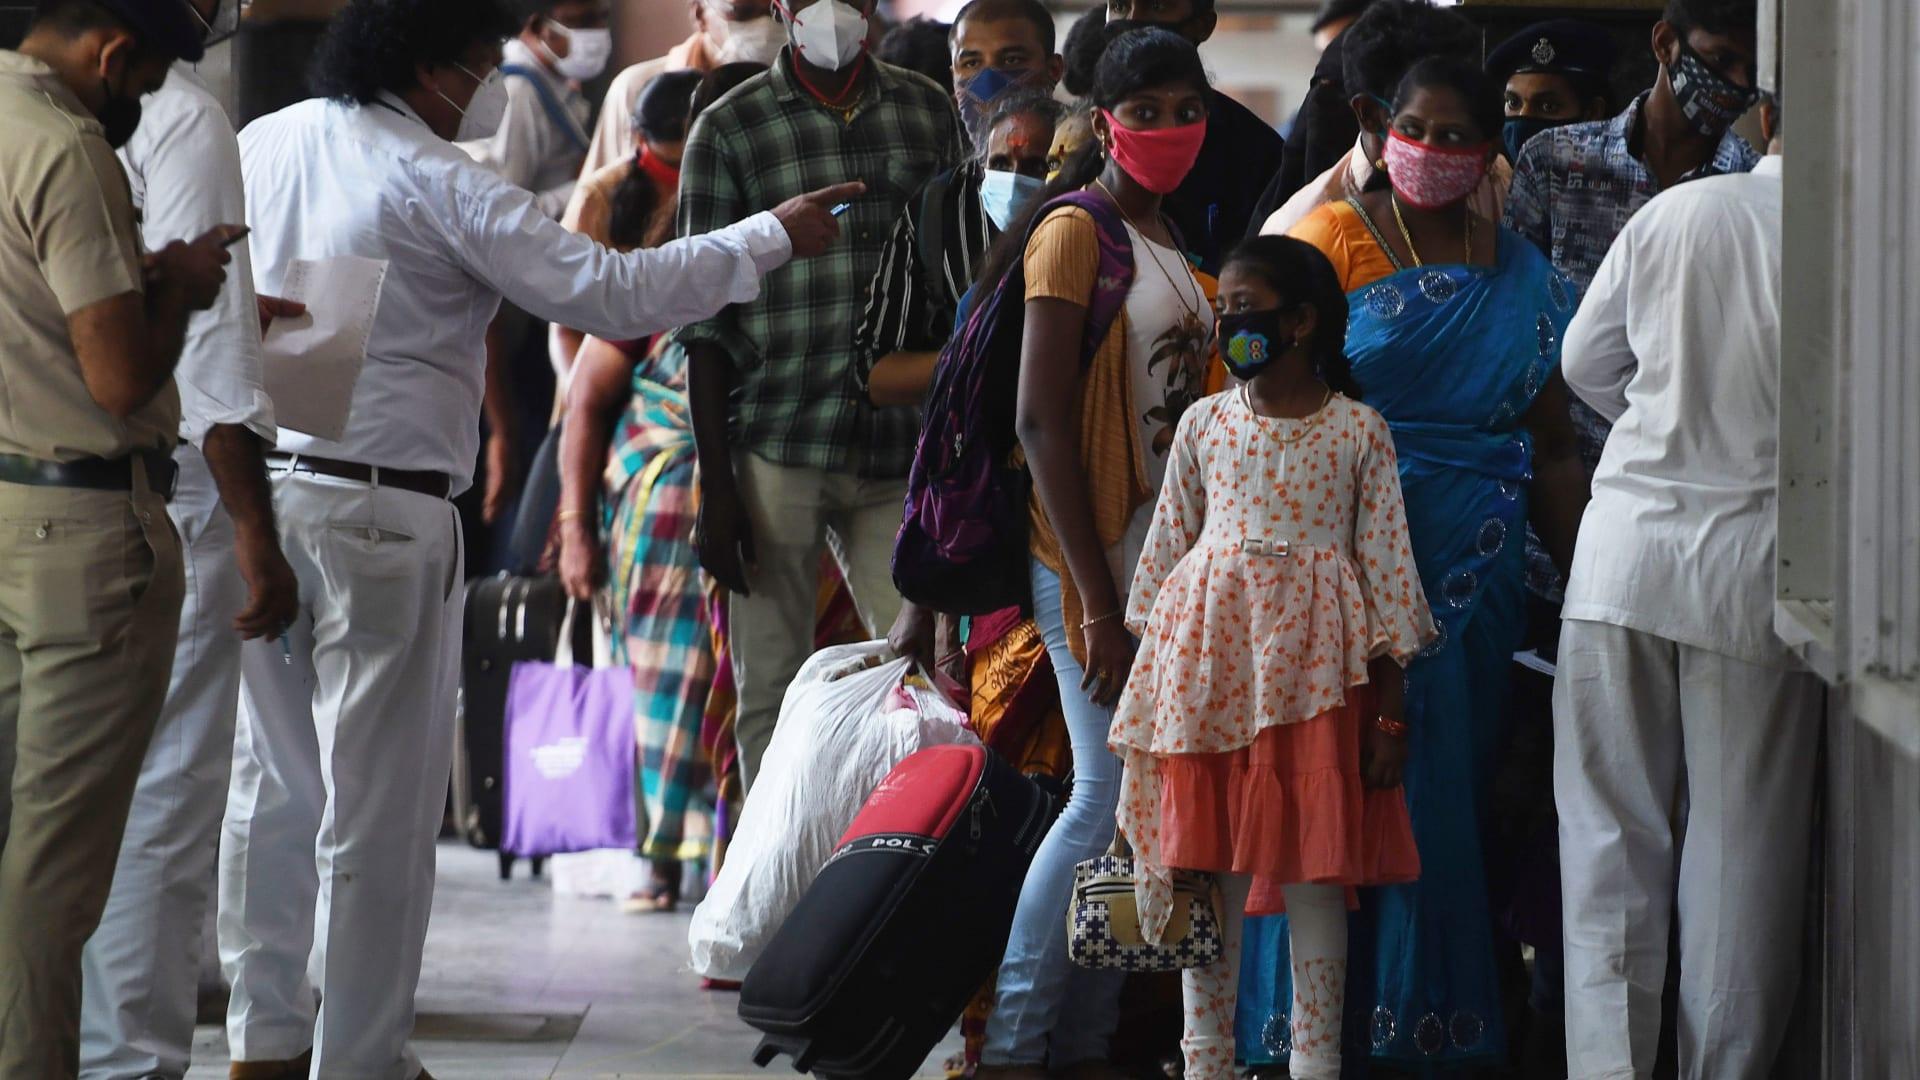 احتفالات دينية من الهند إلى العراق رغم كورونا.. وزيادة الإصابات مستمرة بالعالم